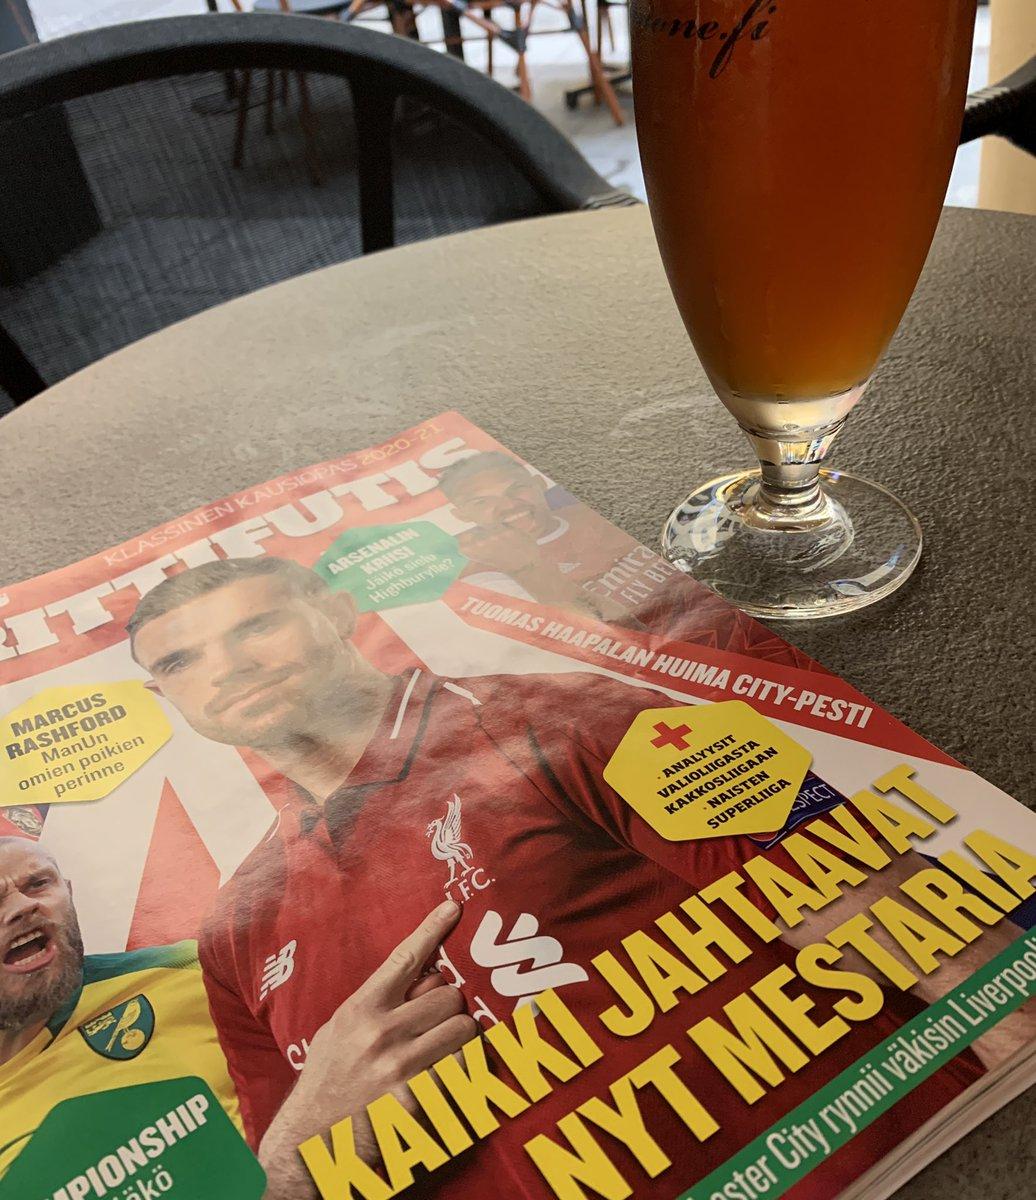 Terassi, olut ja uusi @Urheilulehti #brittifutis  Tässähän pääsee tunnelmaan! https://t.co/8mQEOQM6IA